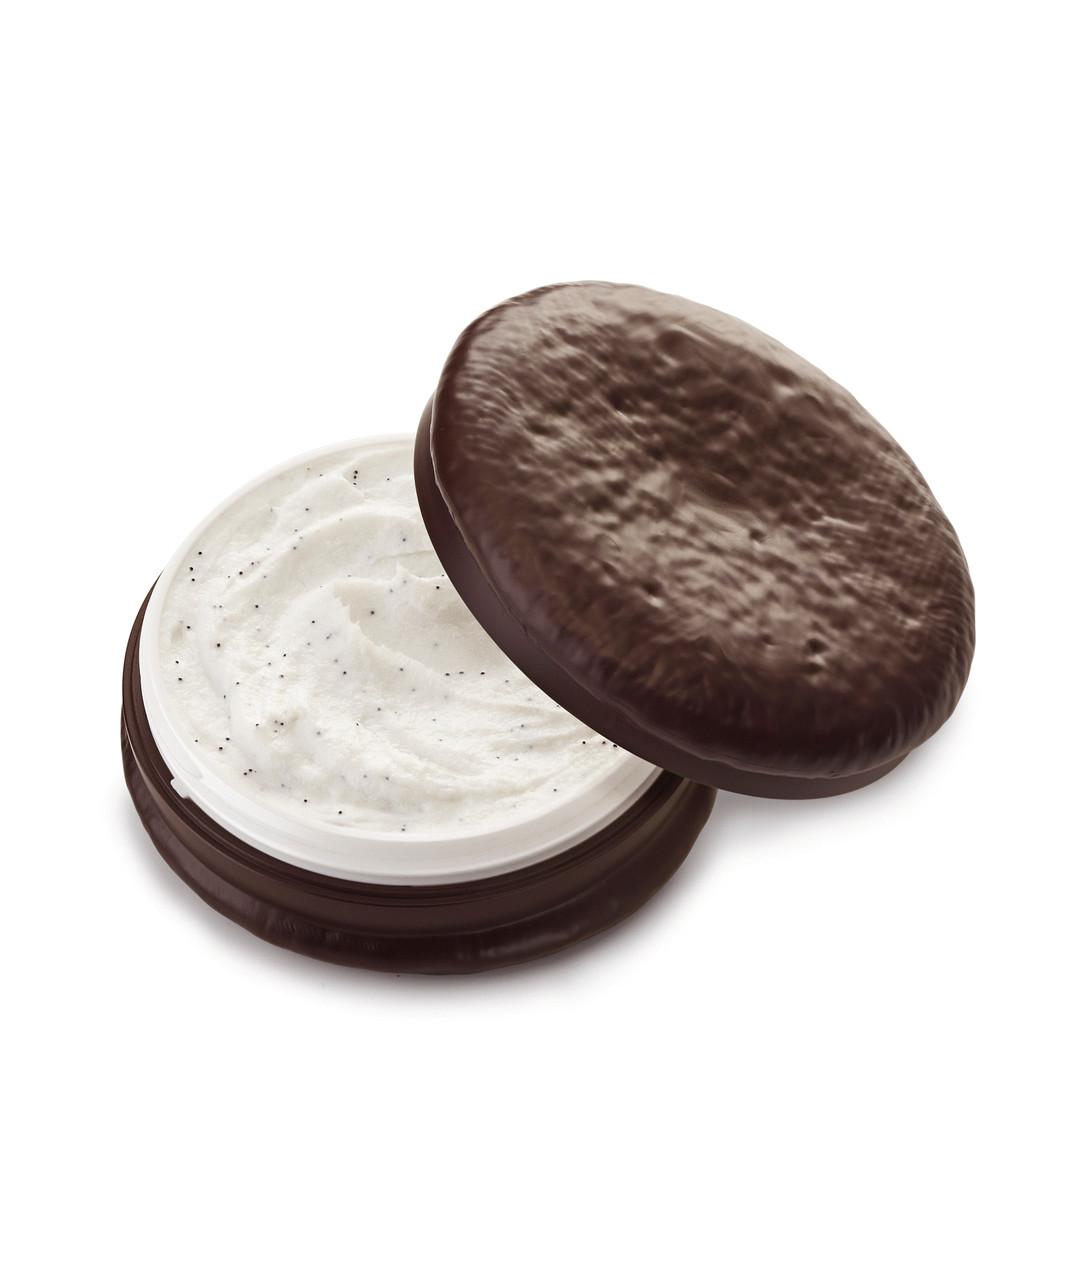 Питательный крем для рук Зефир The Saem Chocopie Hand Cream Marshmallow 35 мл (8806164130285)